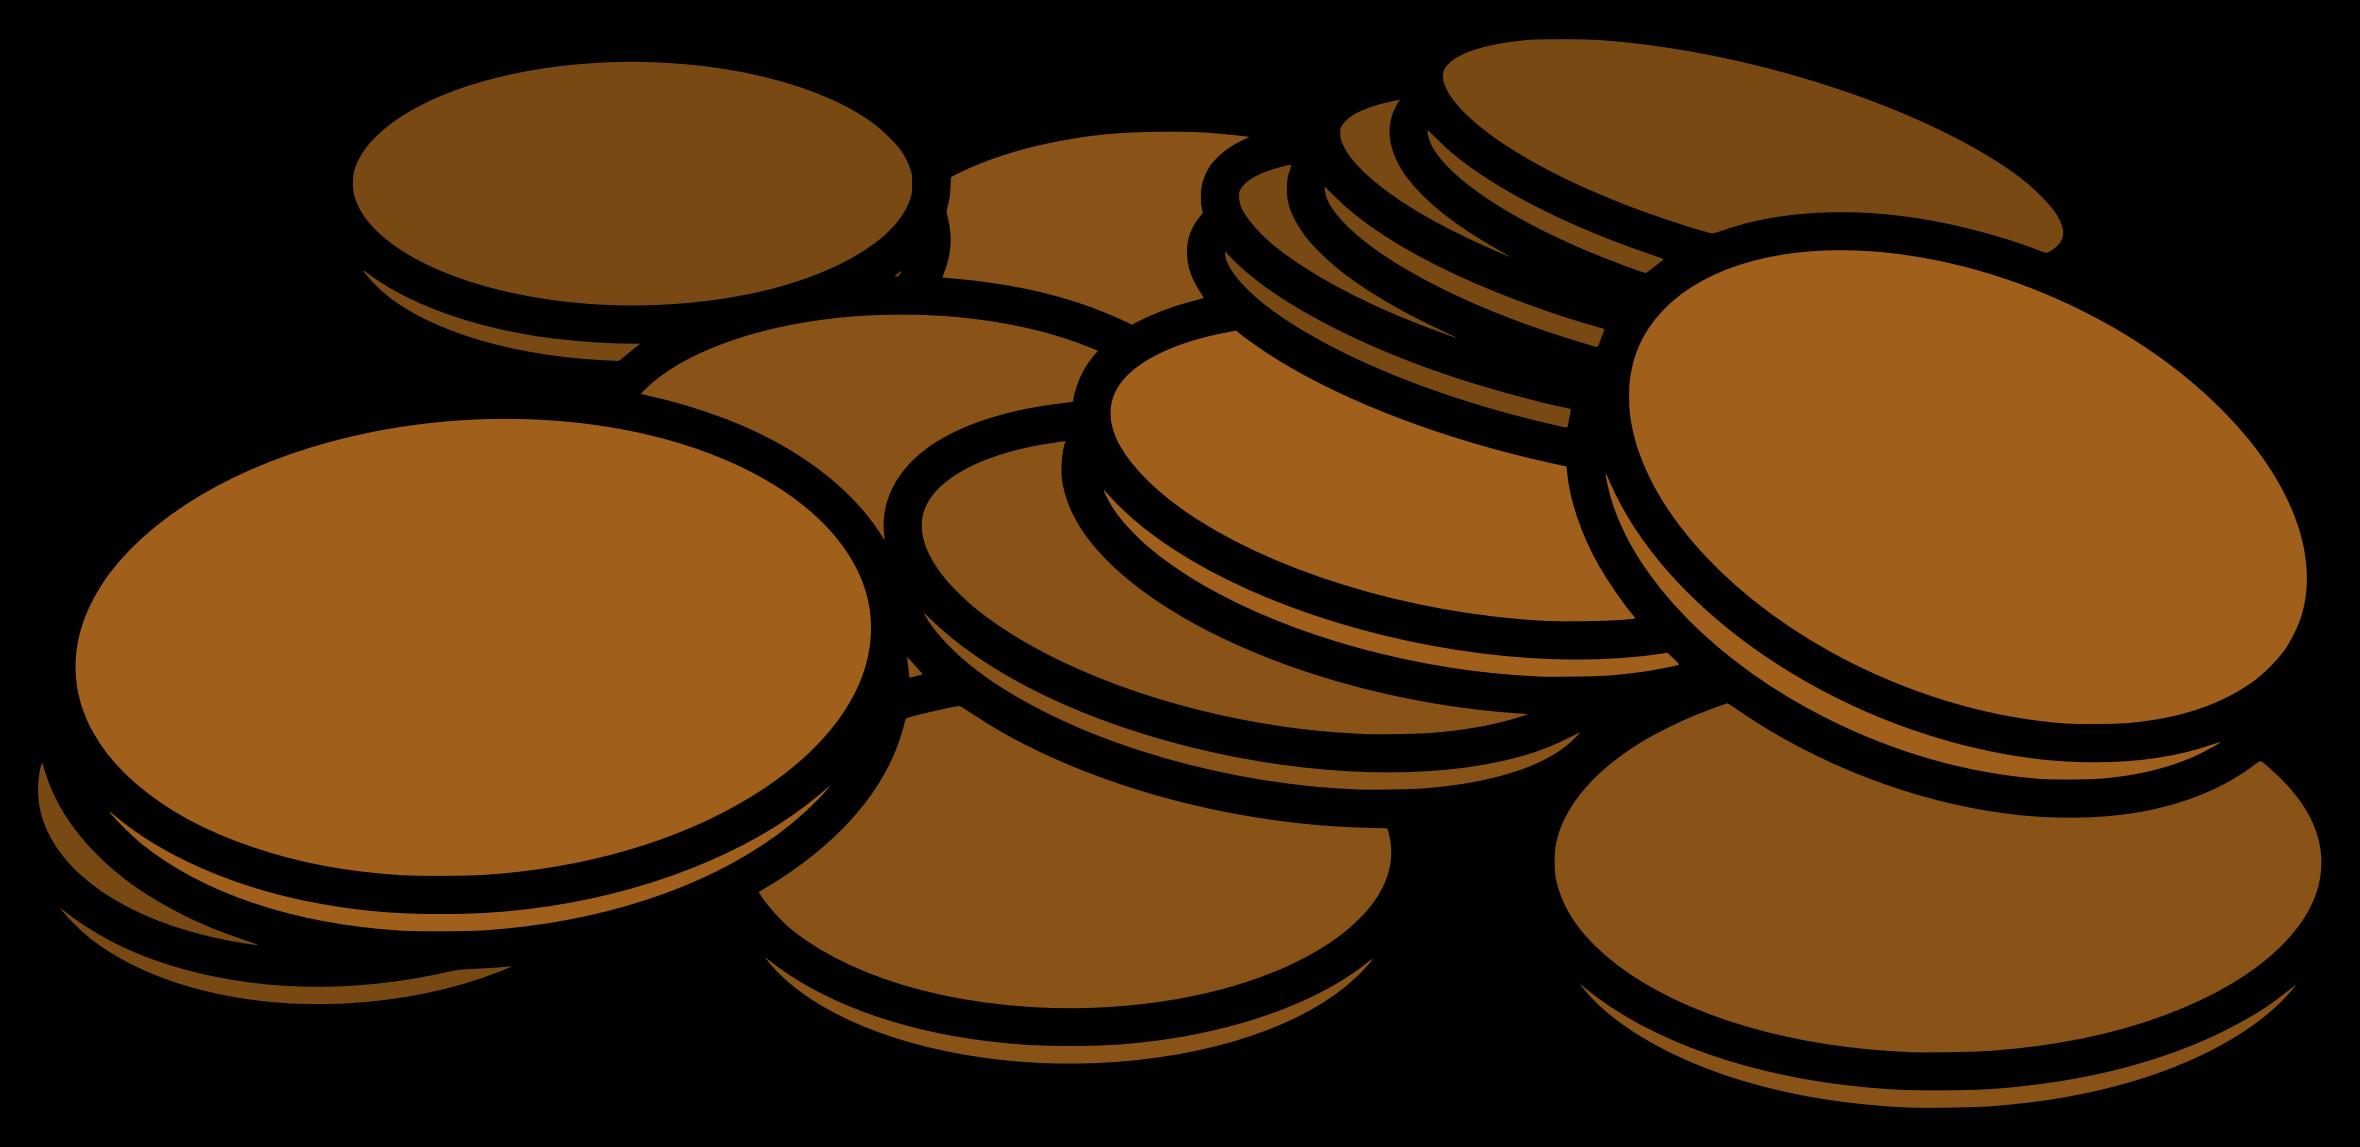 Penny clip art 6